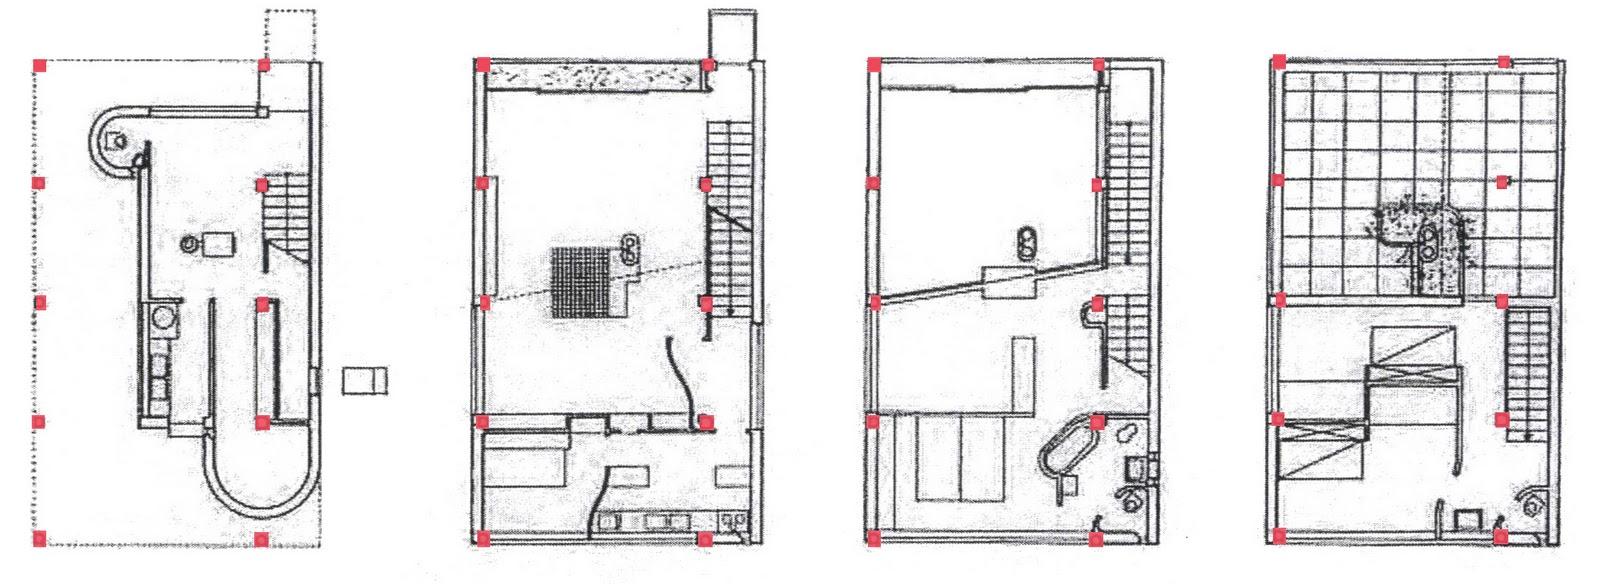 Evoluzione del dom ino è la maison citrohan prototipo del 1922 il nome